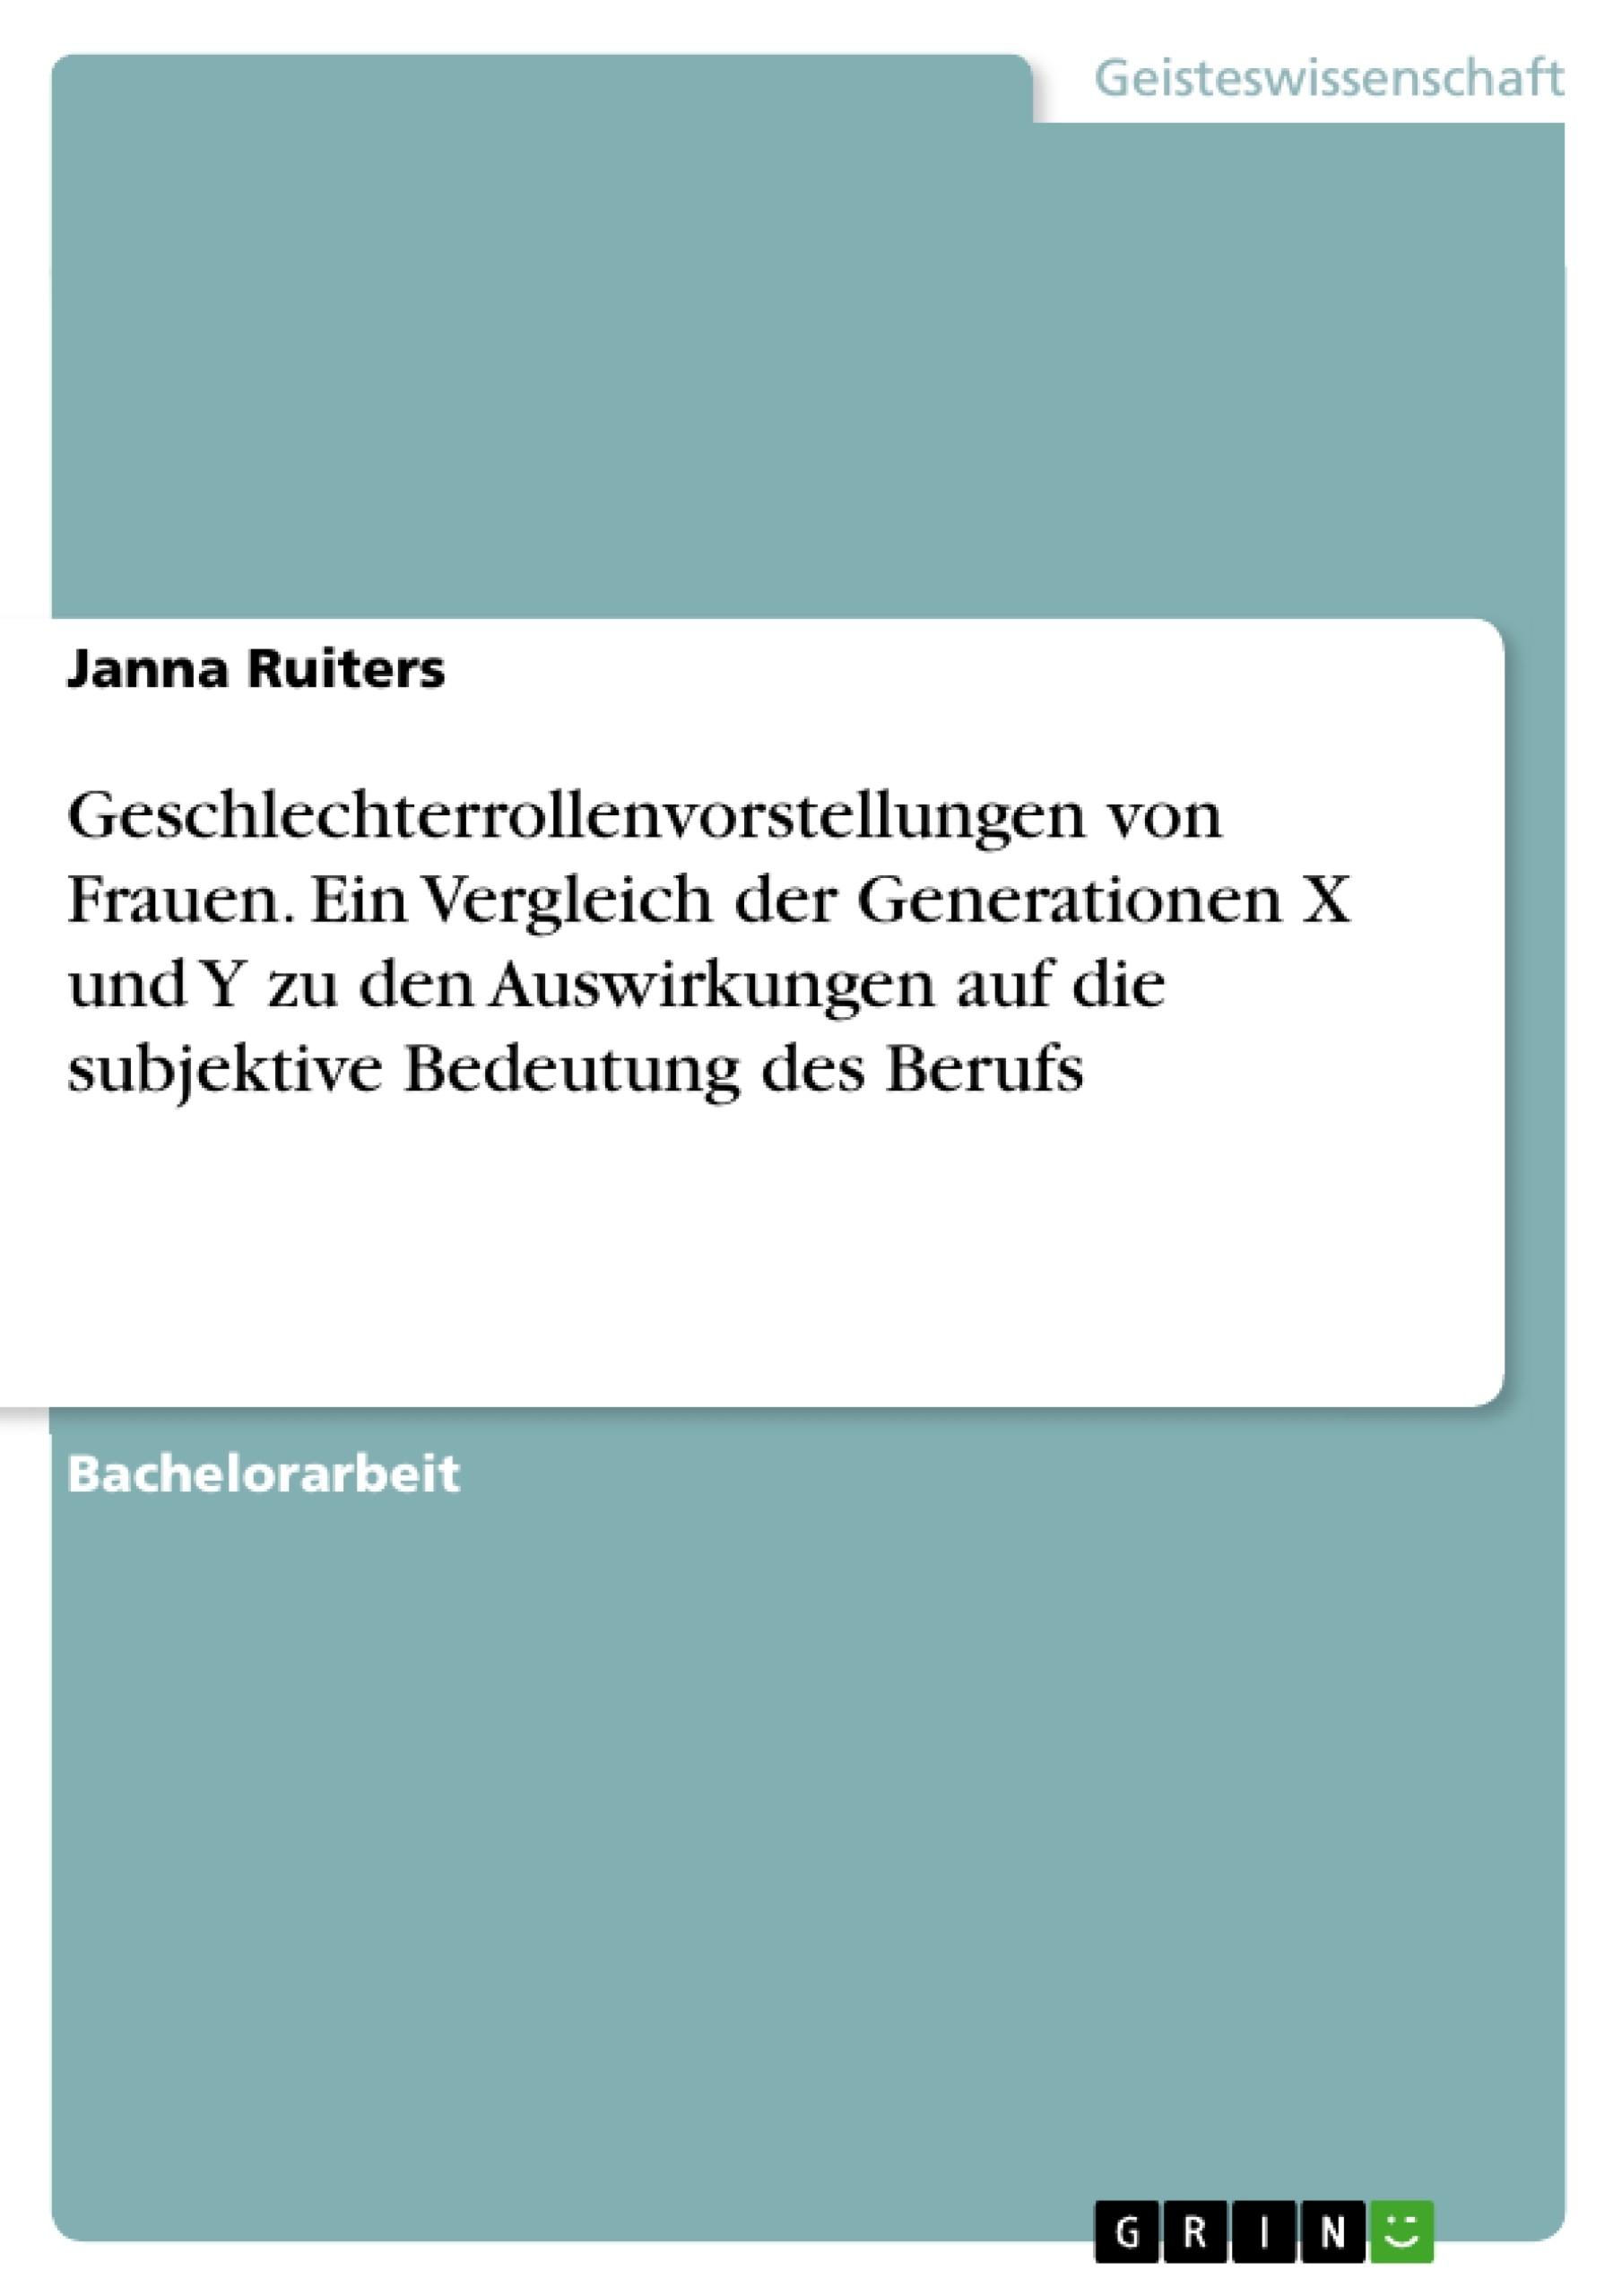 Titel: Geschlechterrollenvorstellungen von Frauen. Ein Vergleich der Generationen X und Y zu den Auswirkungen auf die subjektive Bedeutung des Berufs